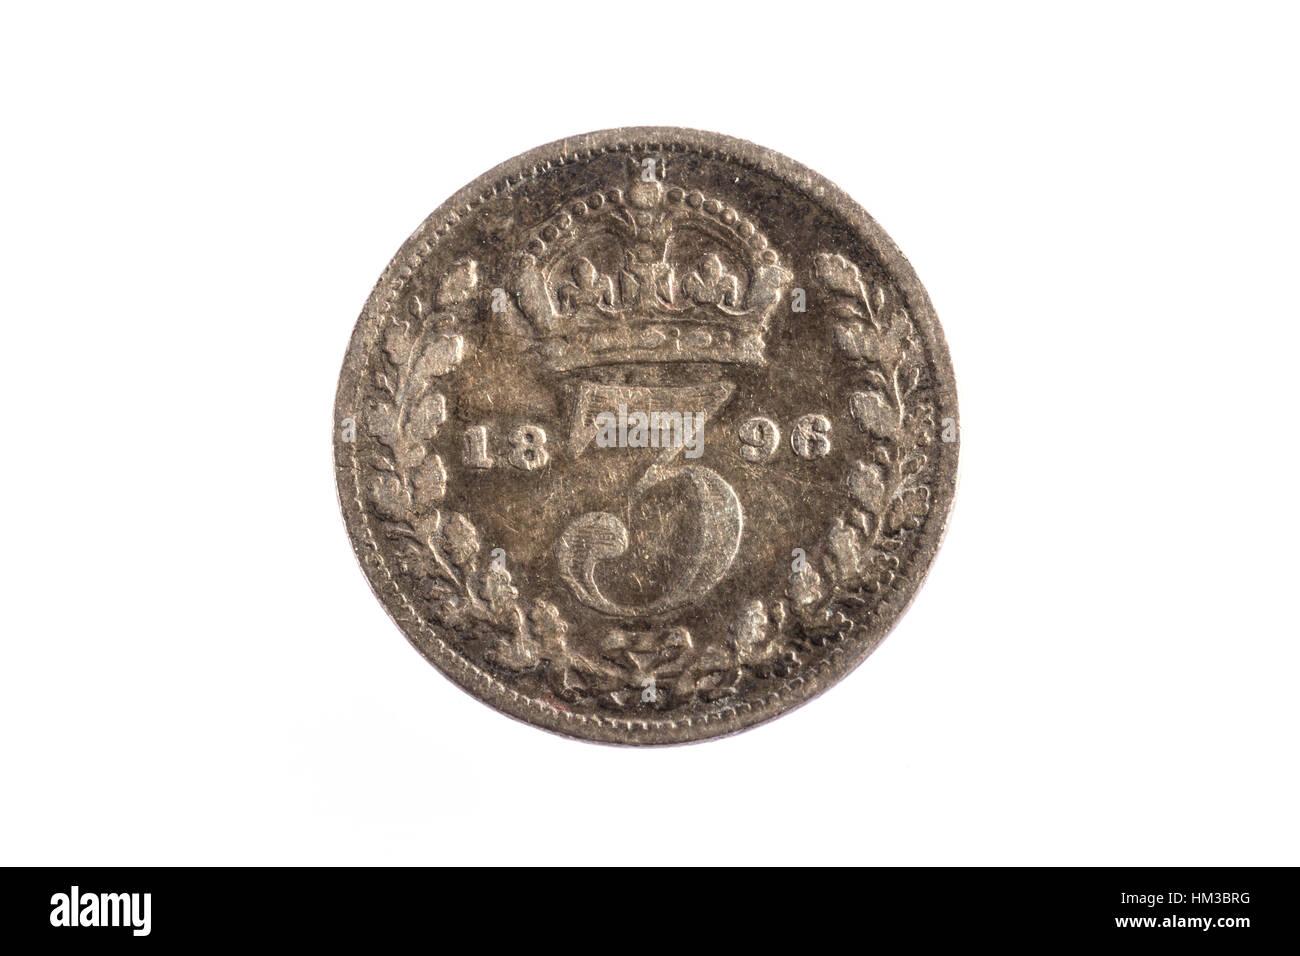 Une pièce de trois pence 1898 Imperial Photo Stock